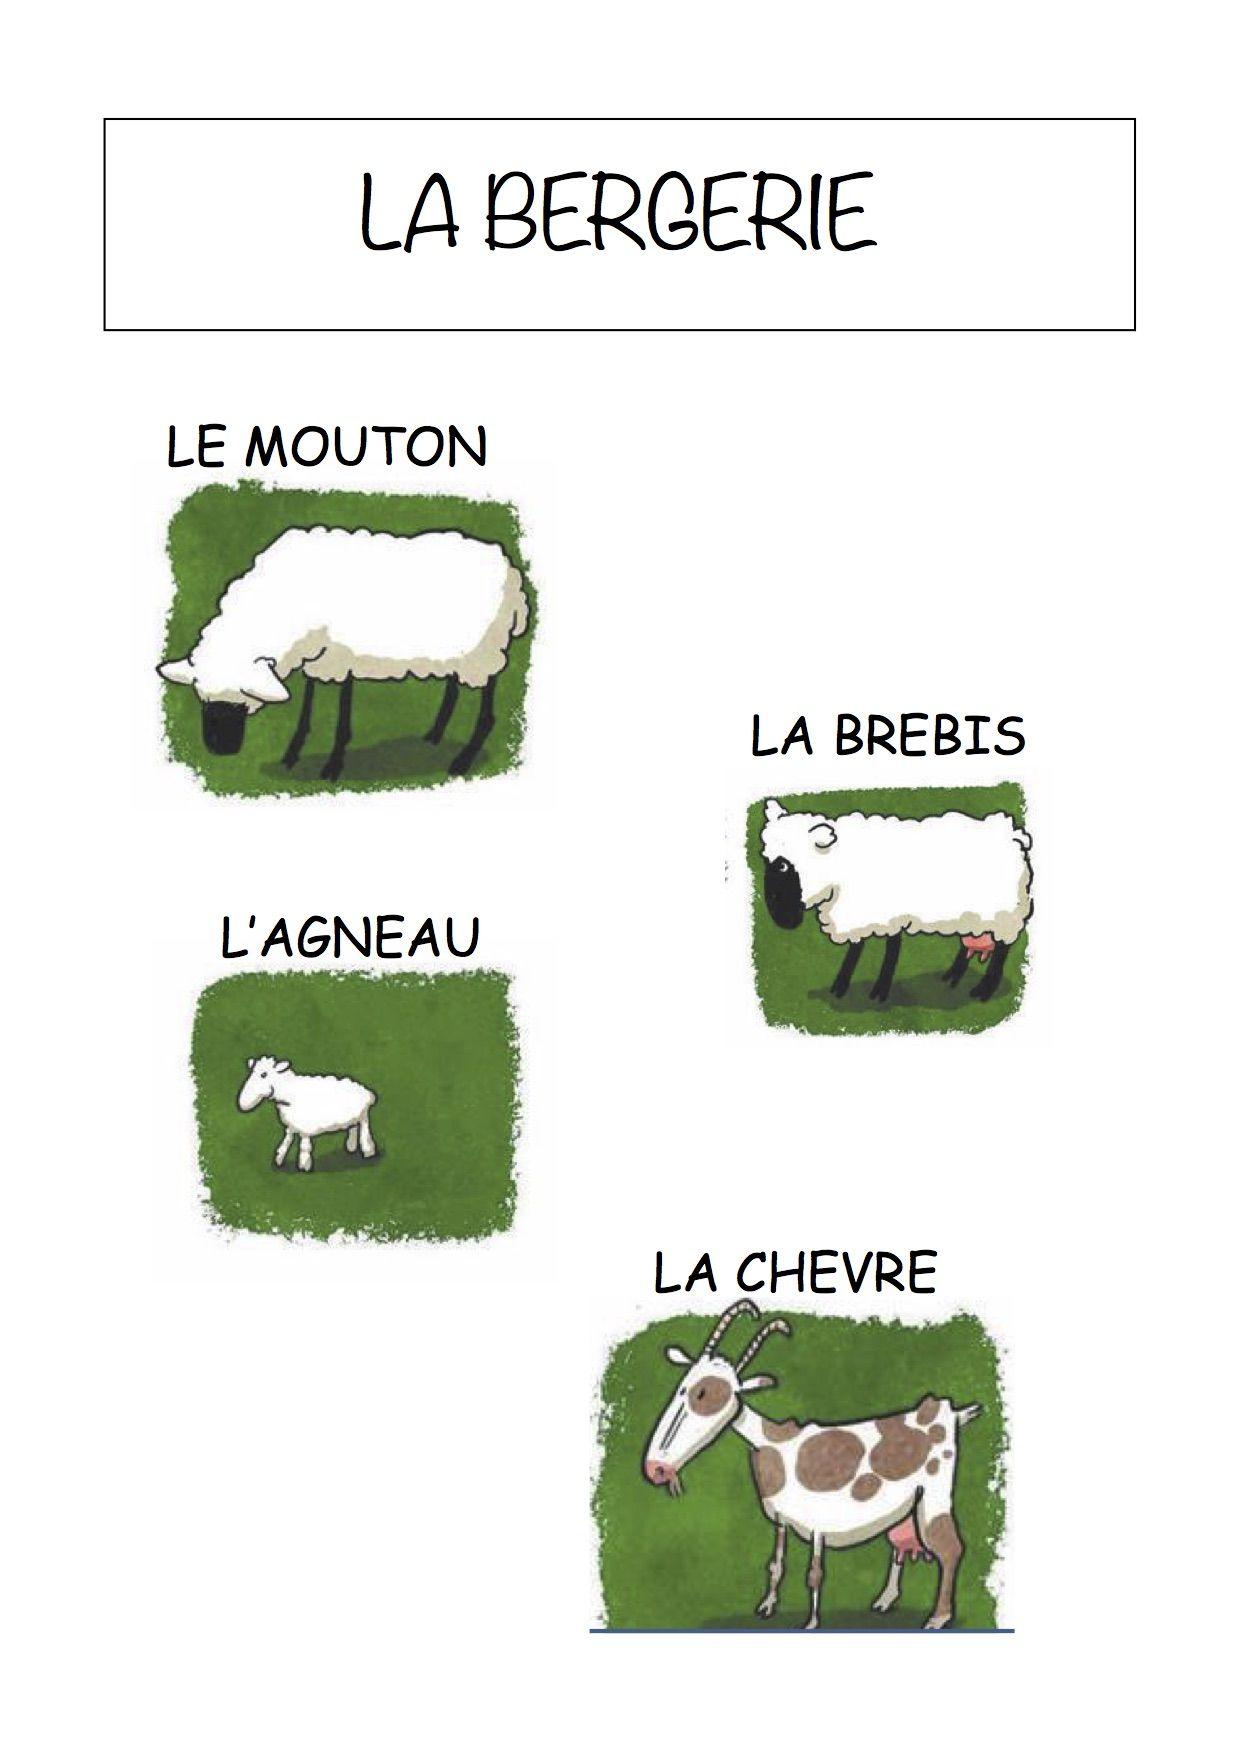 Vocabulaire De La Ferme Imagier Simple Pour La Maternelle La Bergerie Ferme Prescolaire Theme Ferme Maternelle Ecole Ferme